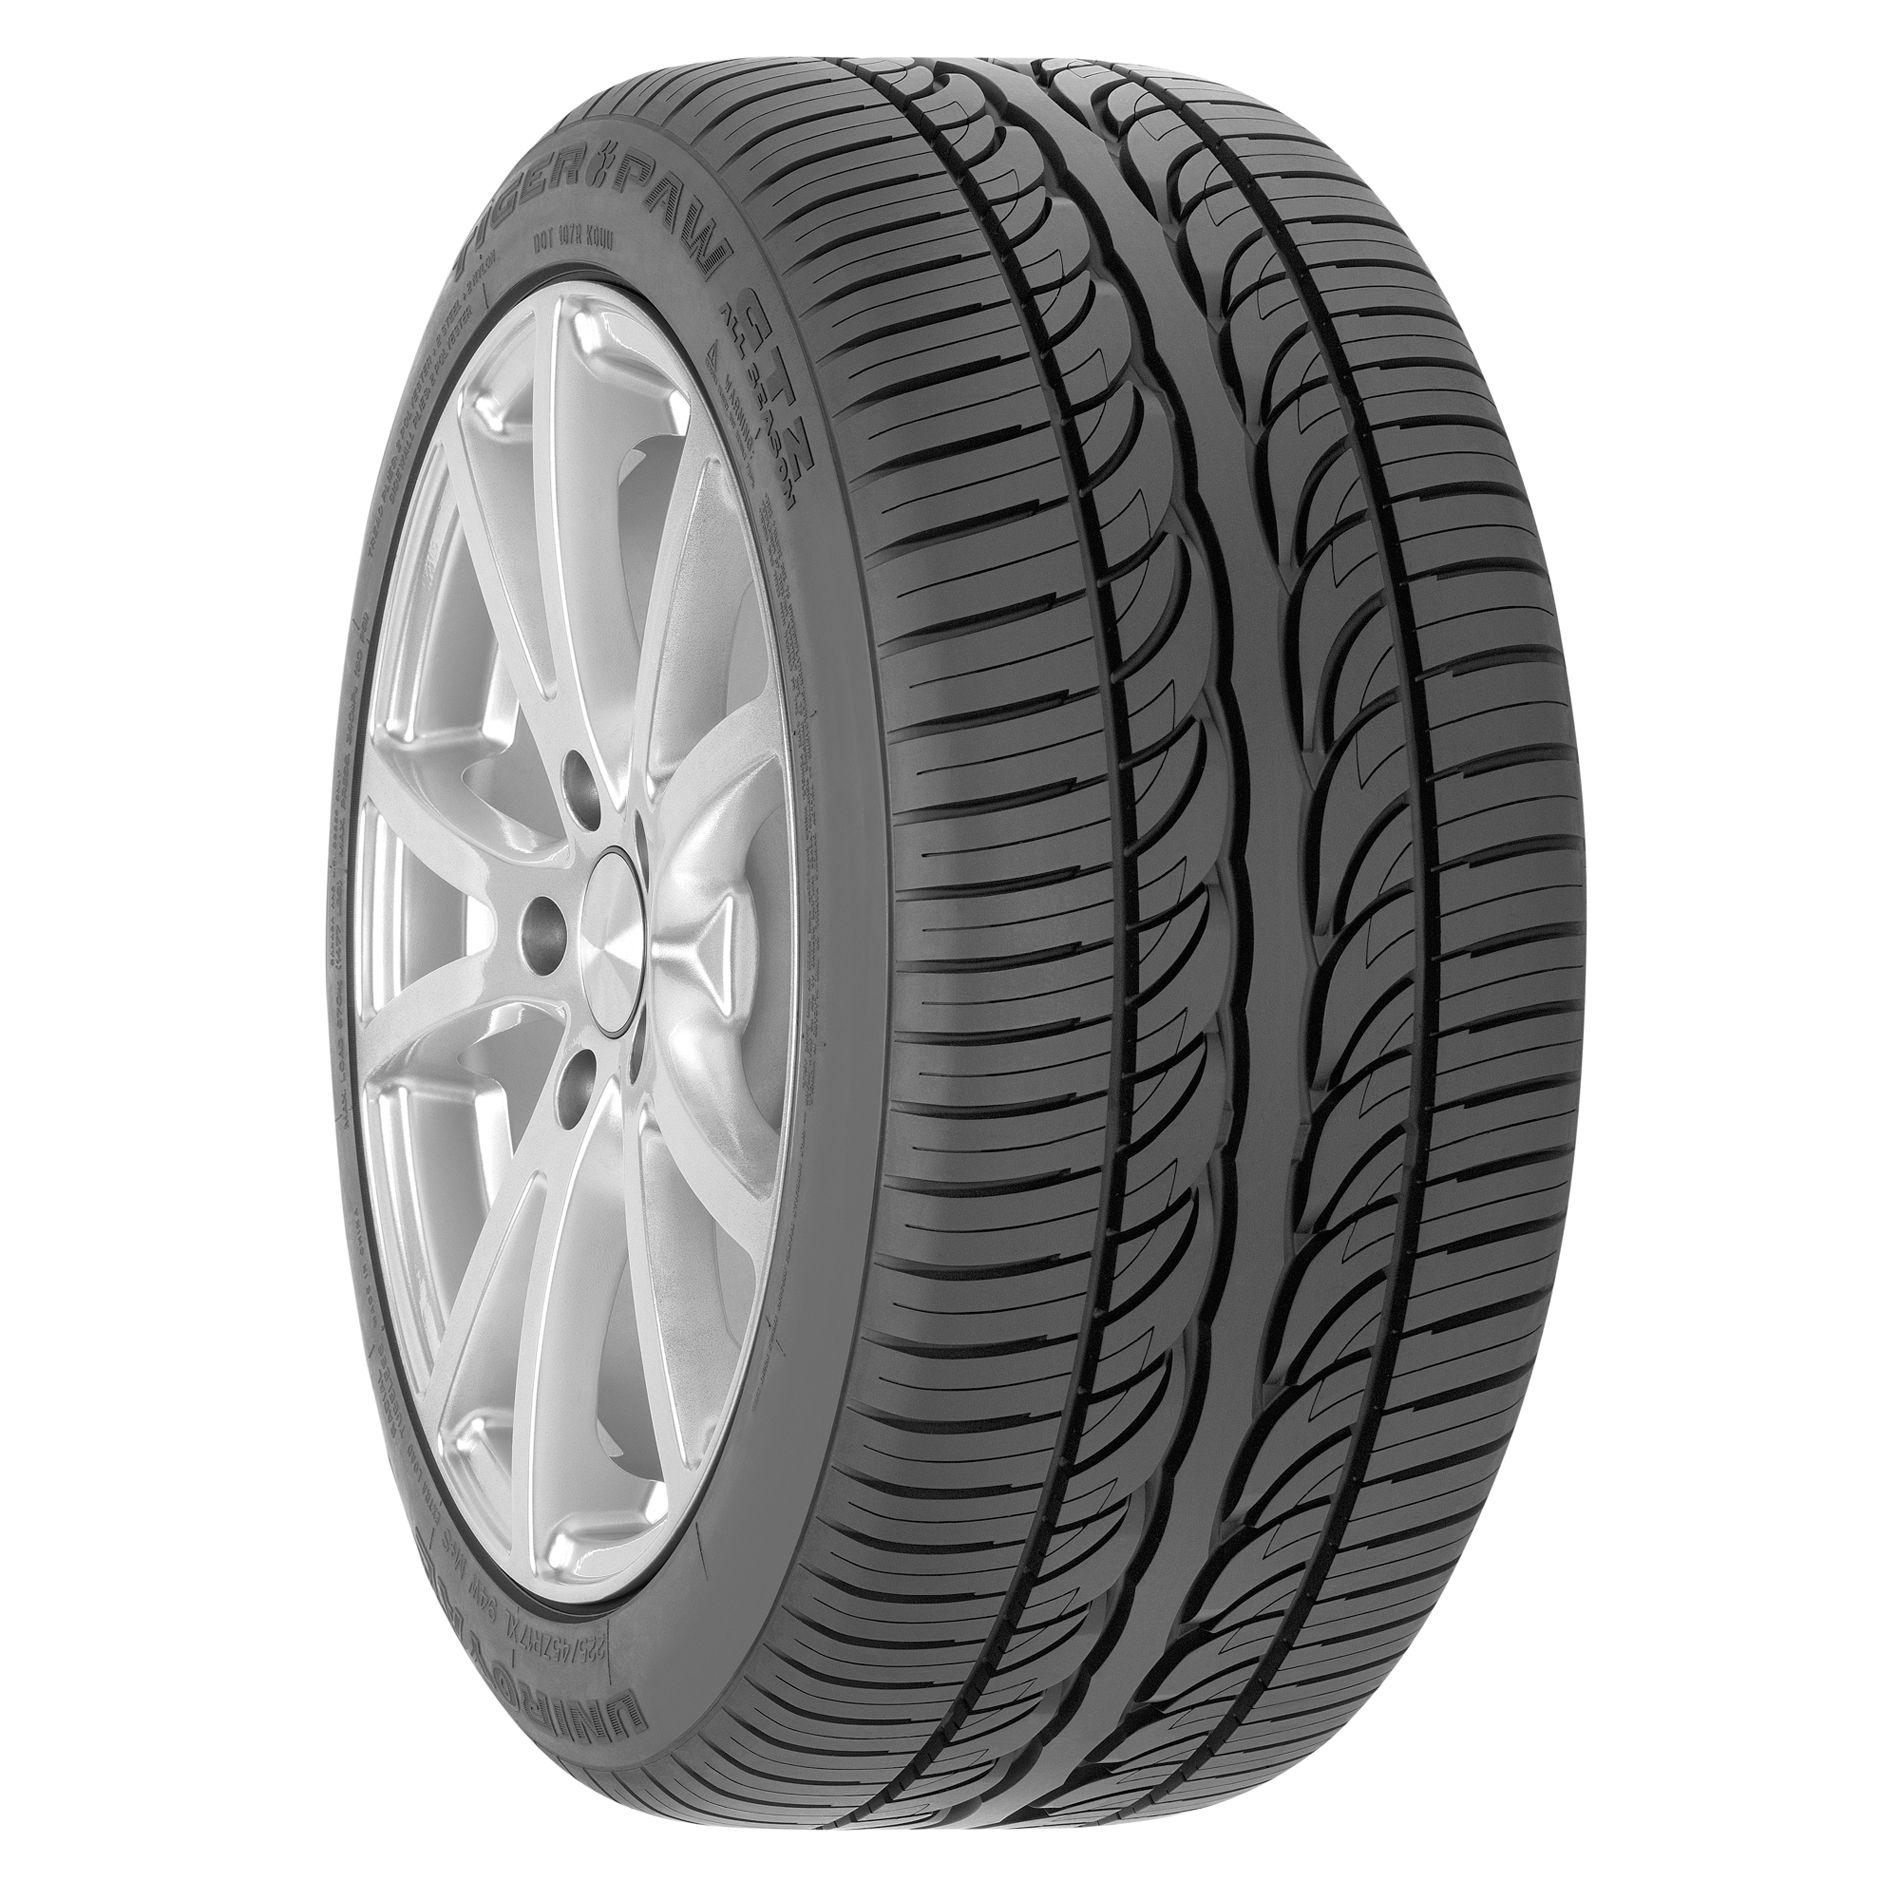 Uniroyal Tiger Paw GTZ Tire- 245/45R17 95W BW